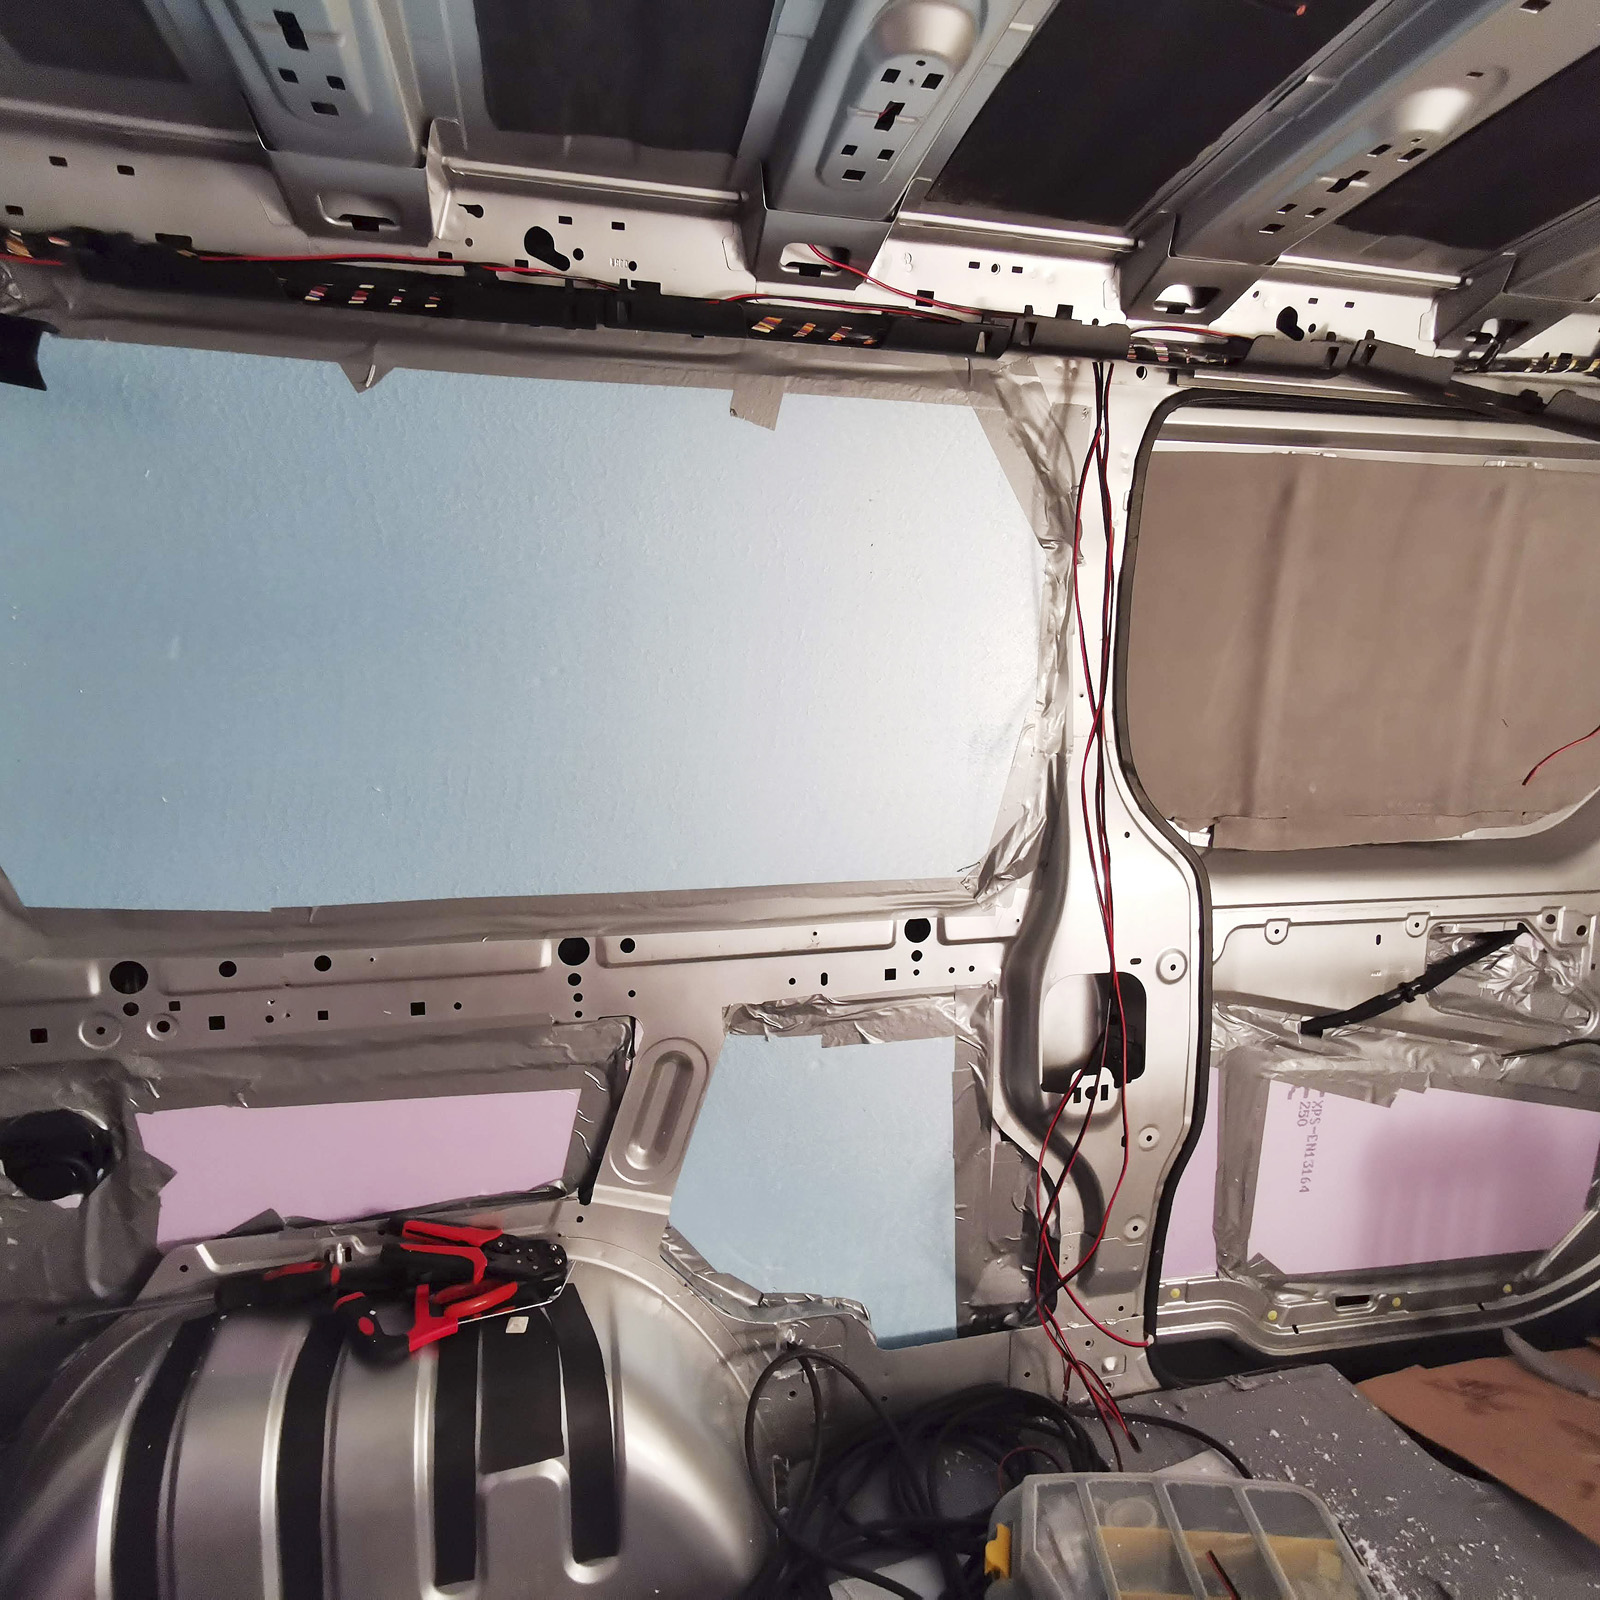 50 mm XPS i väggar och nederdel av skjutdörr, där utrymmet tillåter. Liggunderlag fästs med spraylim. Ett tips är att fotografera/mäta alla tvärbalkar och elkablar inför senare skruvning av väggar. (Egna träreglar att fästa i är också ett alternativ.)